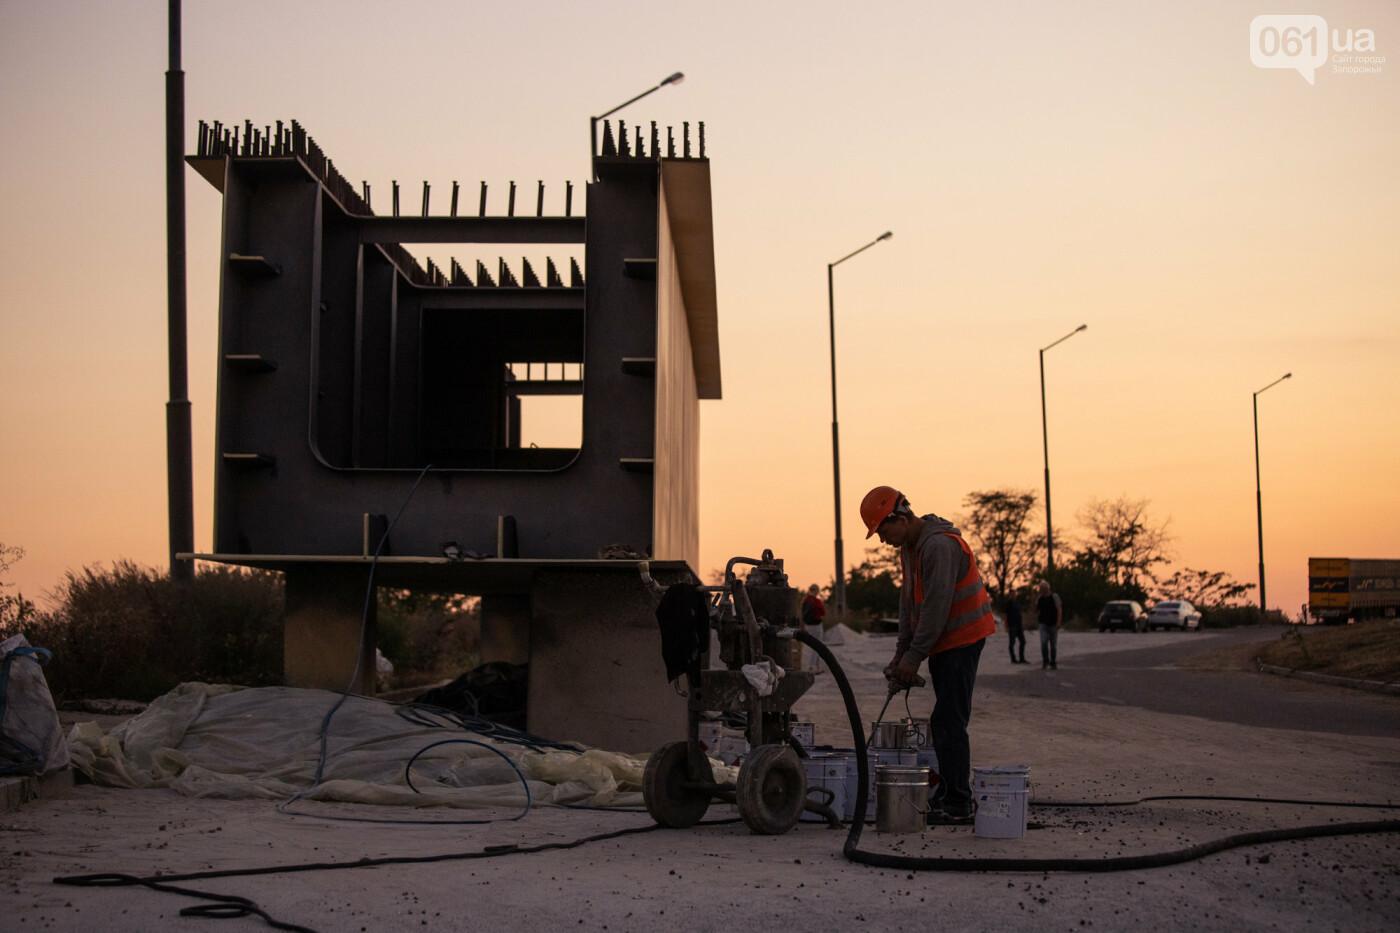 В Запорожье собирают балочный мост через Старый Днепр – строители работают даже ночью, - ФОТОРЕПОРТАЖ , фото-5